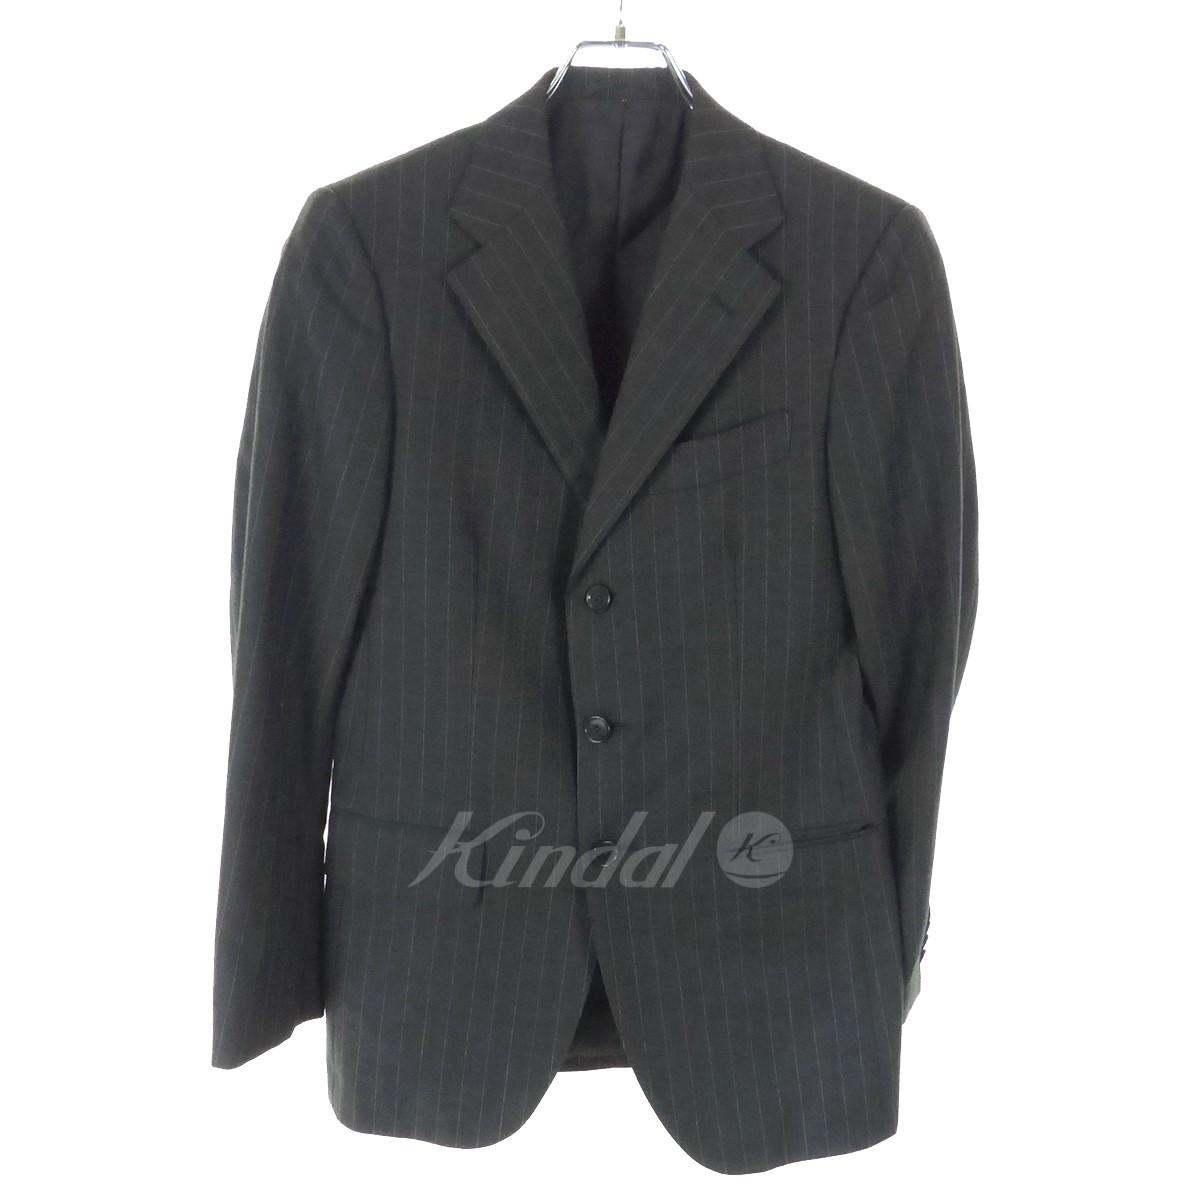 【中古】UNITED ARROWS セットアップスーツ ダークグレー サイズ:42 【150218】(ユナイテッドアローズ)